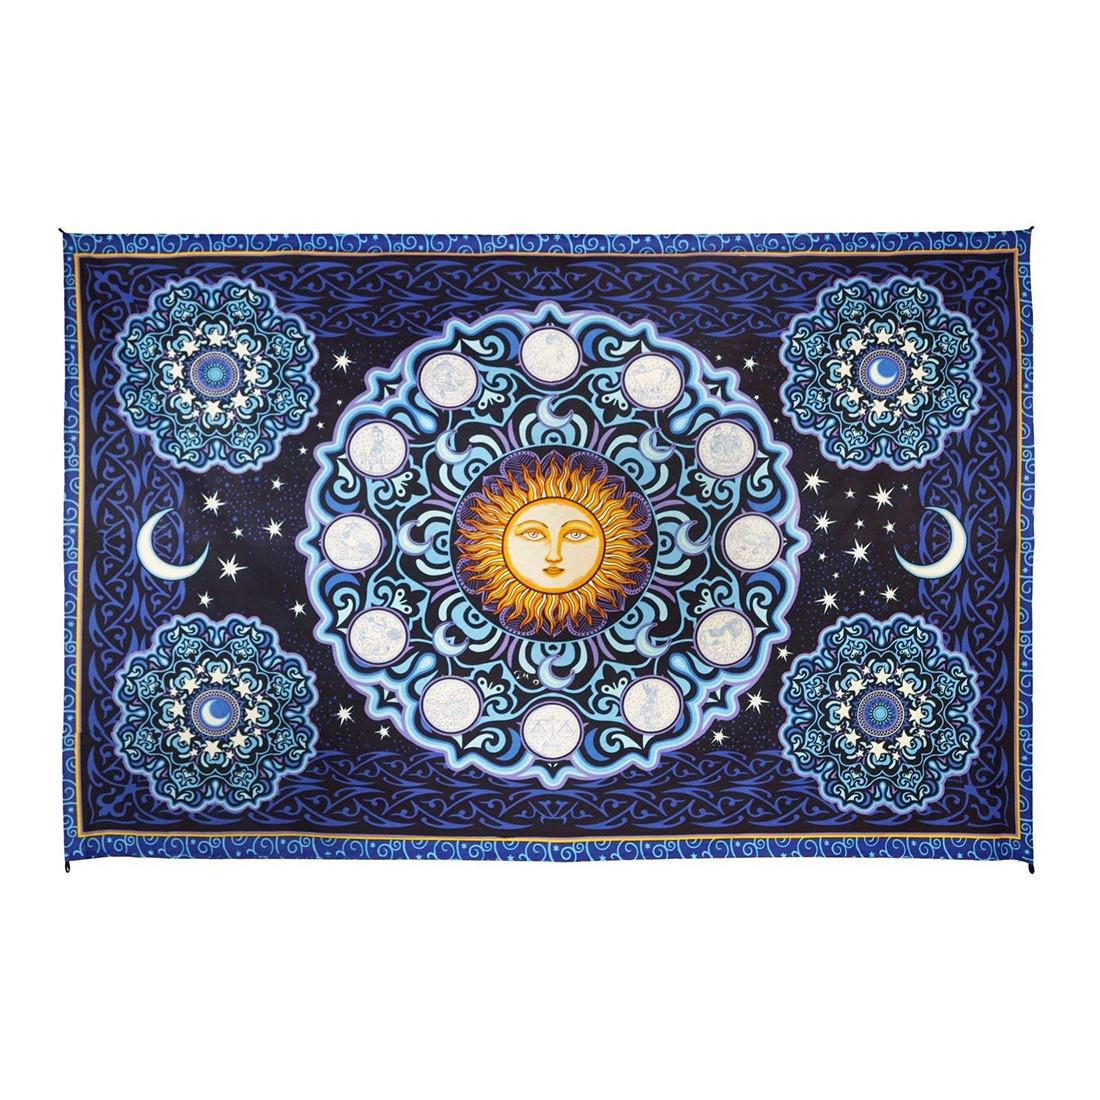 Dan Morris Zodiac 3-D Tapestry